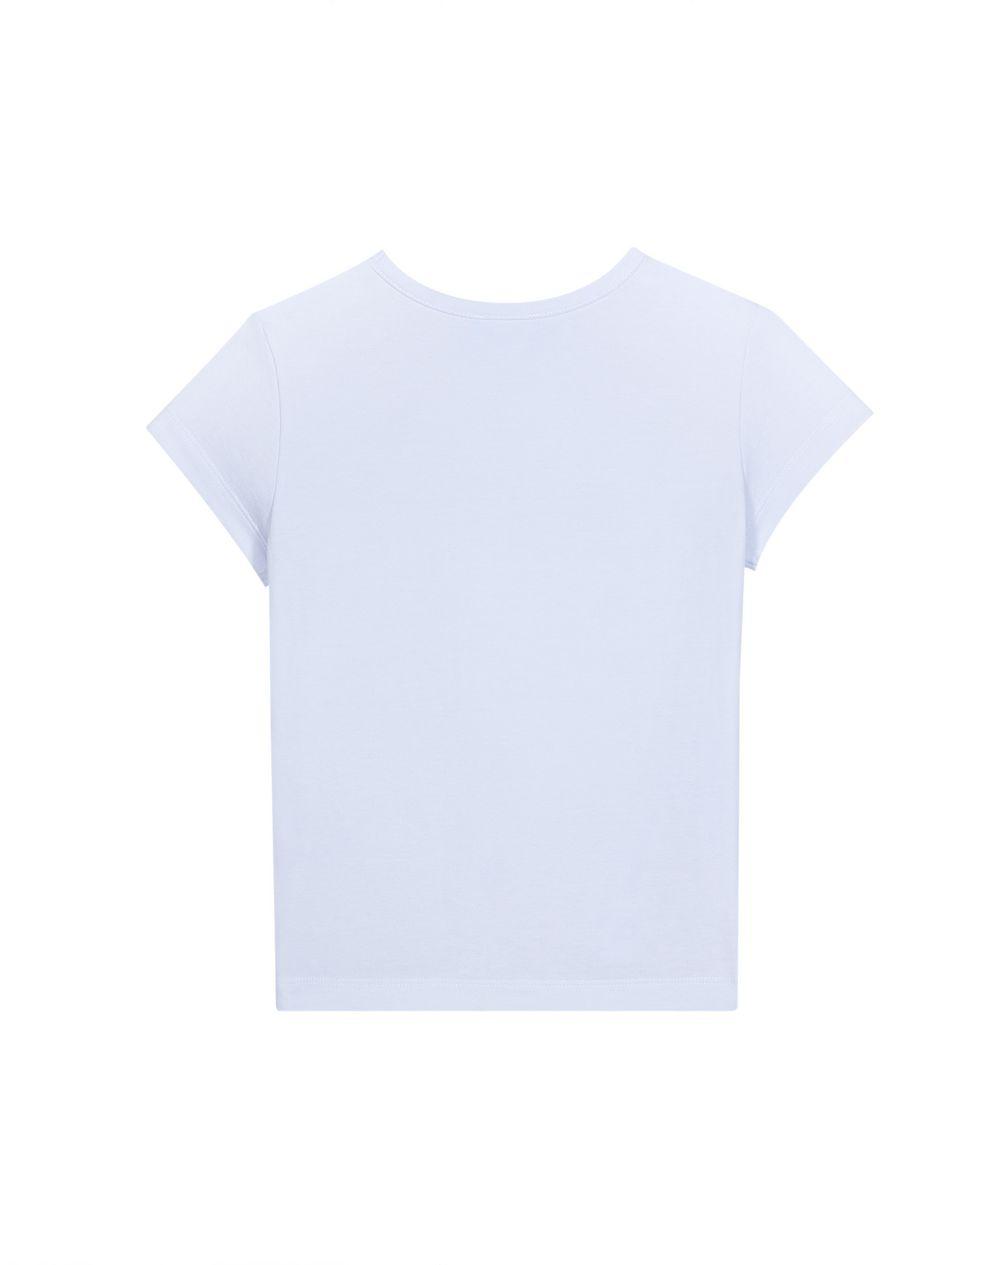 ブルー LANVIN プリント Tシャツ  - Lanvin